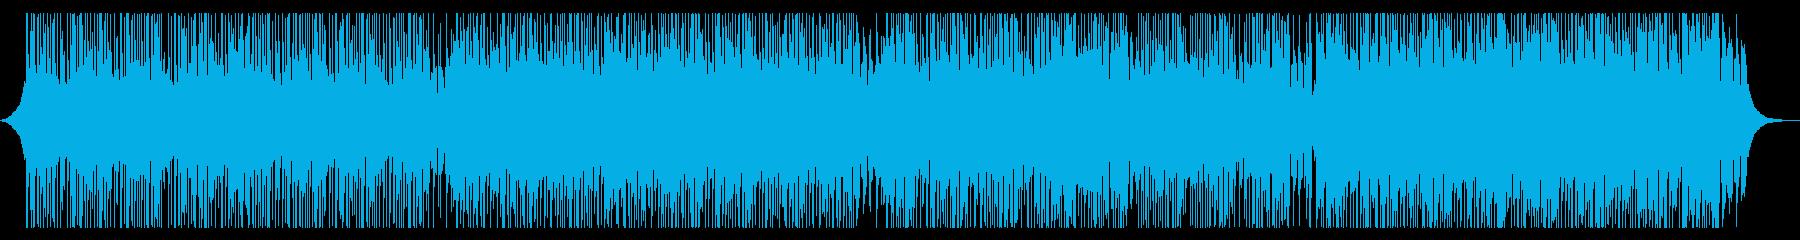 サクセスカンパニーの再生済みの波形